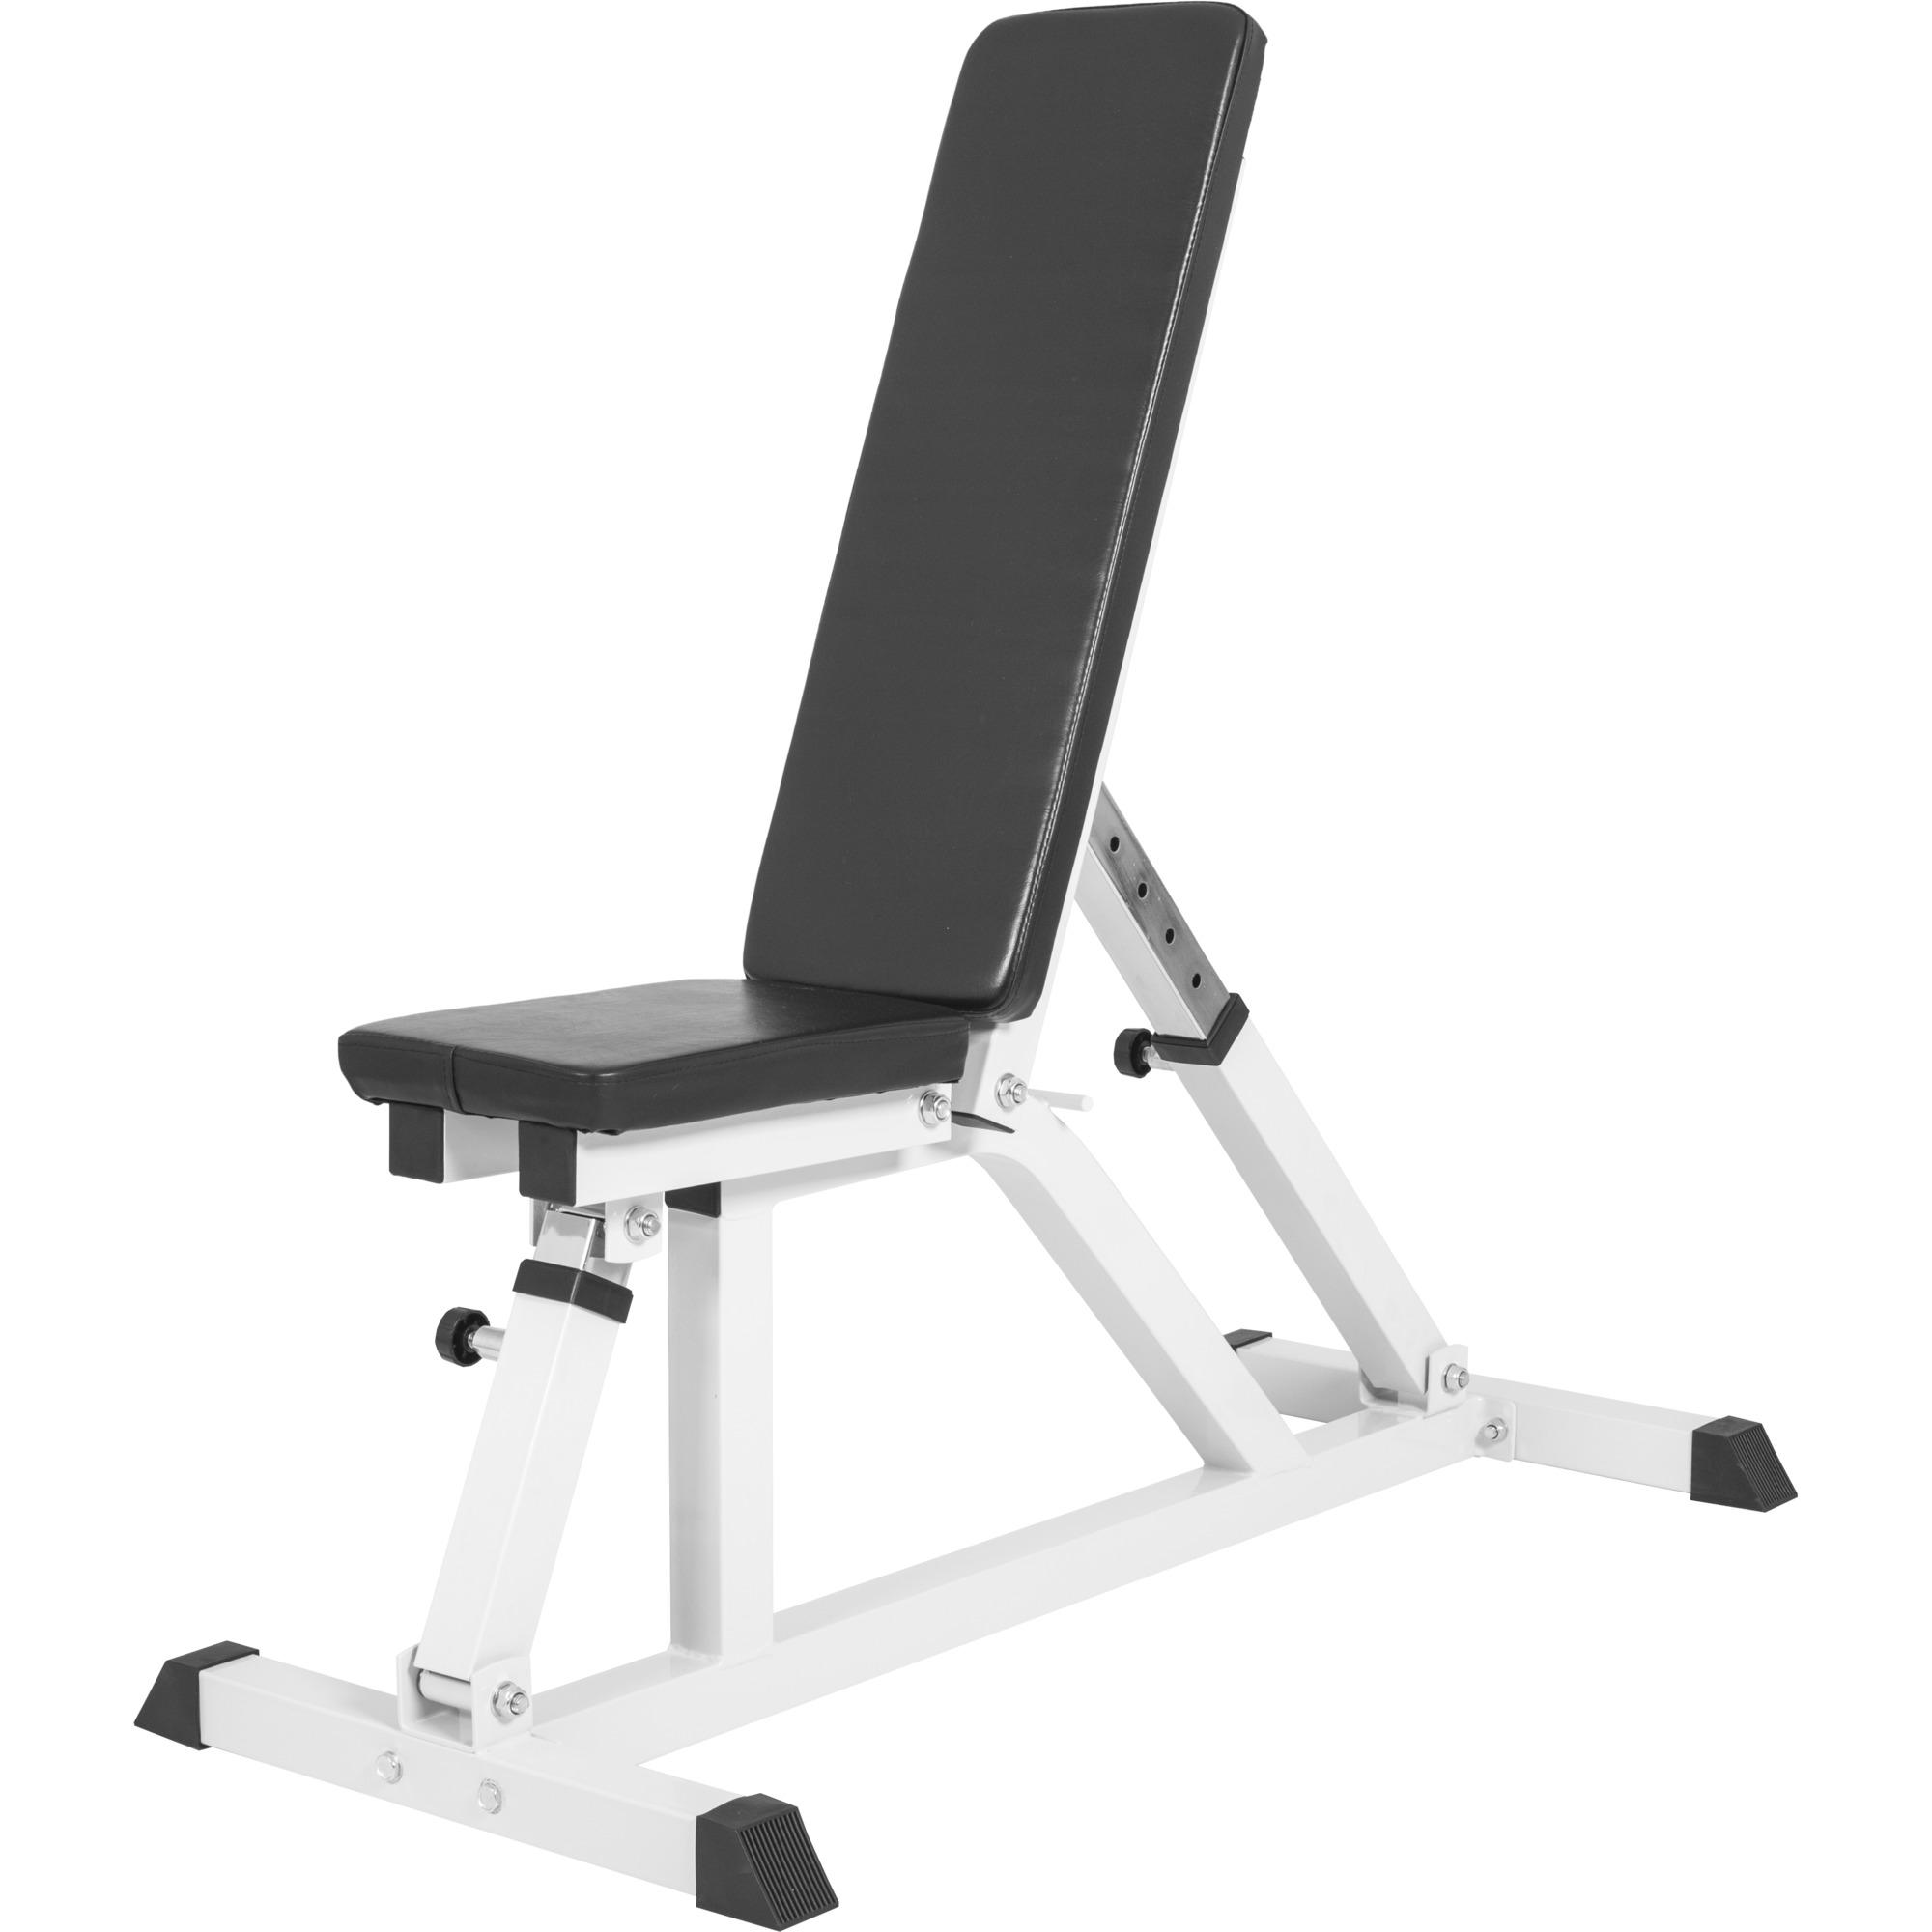 banc de musculation multipositions blanc gs004 adjustablebenchbm 519. Black Bedroom Furniture Sets. Home Design Ideas